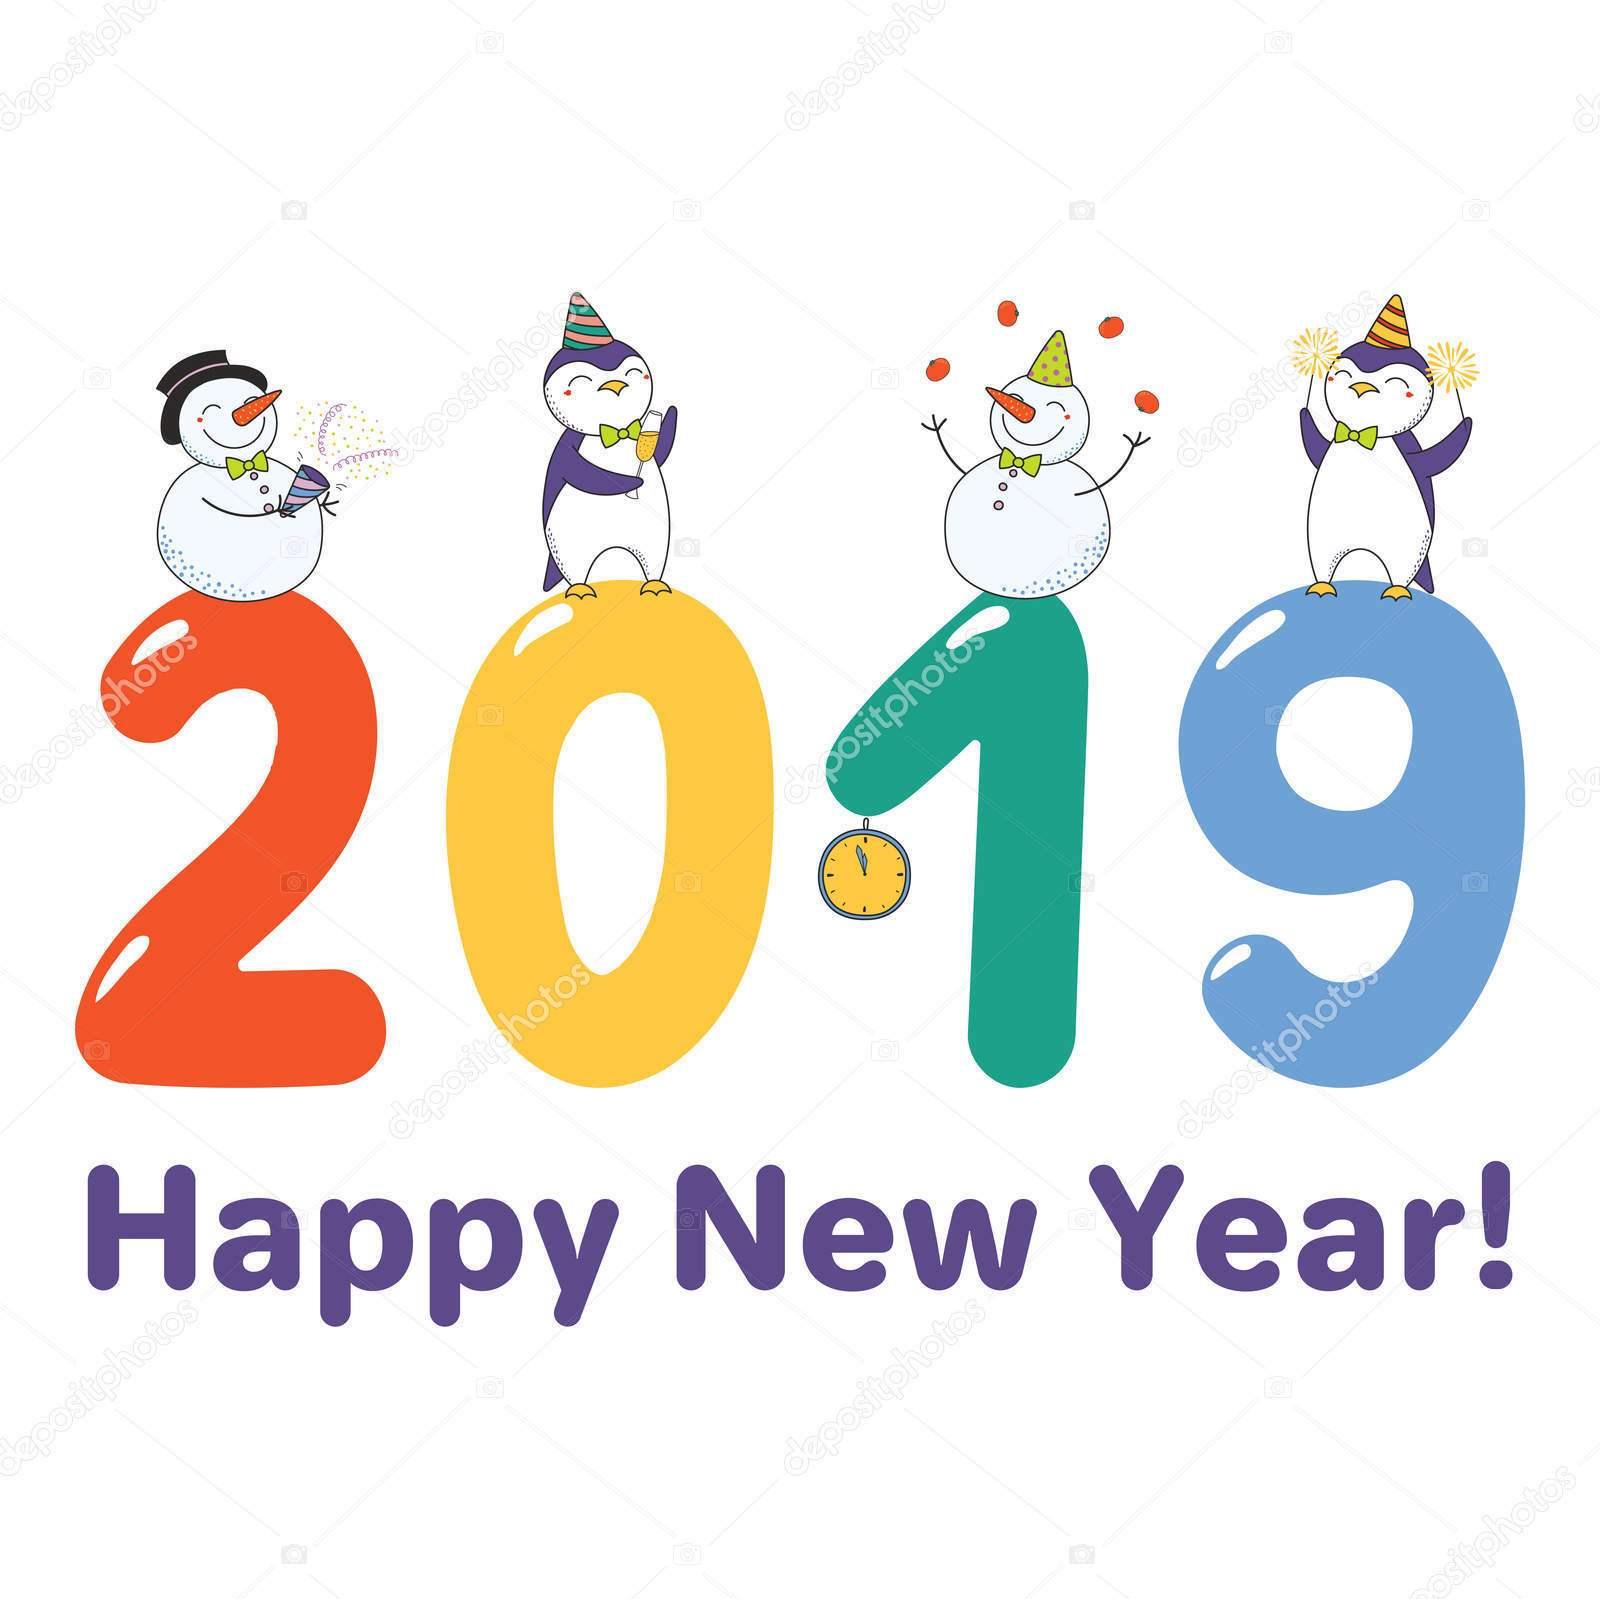 những hình ảnh dễ thương nhất về năm mới kỷ hợi 2019 hoạt hình cực đẹp, tải về điện thoại, máy tính, laptop làm ảnh đại diện cho facebook